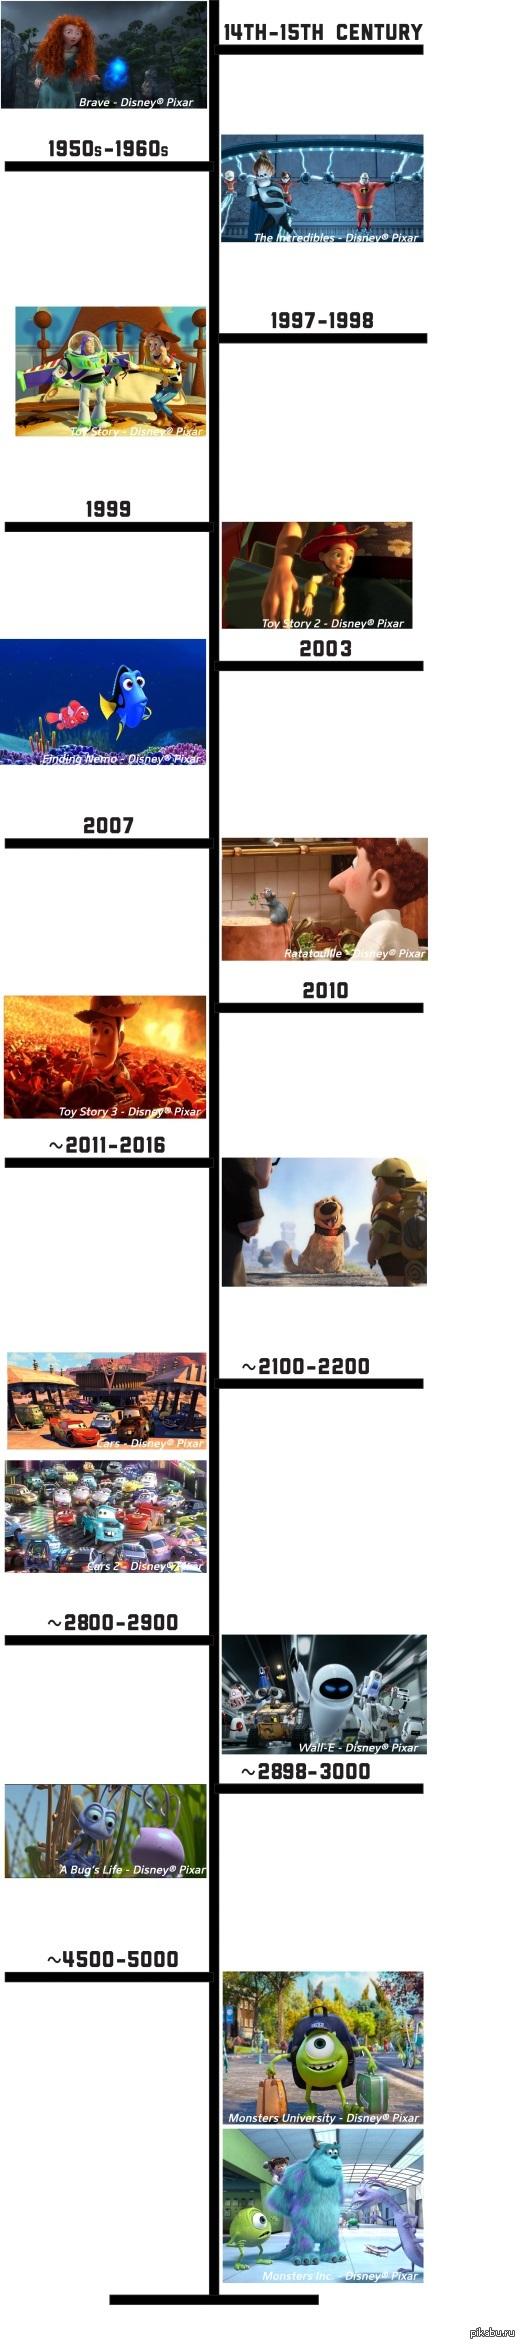 Timeline Теории Вселенной Пиксар удалил описания к картинкам, ибо уже было несколько подробных постов, линки на которые в коментах, а это для того, что бы визуально переварить теорию